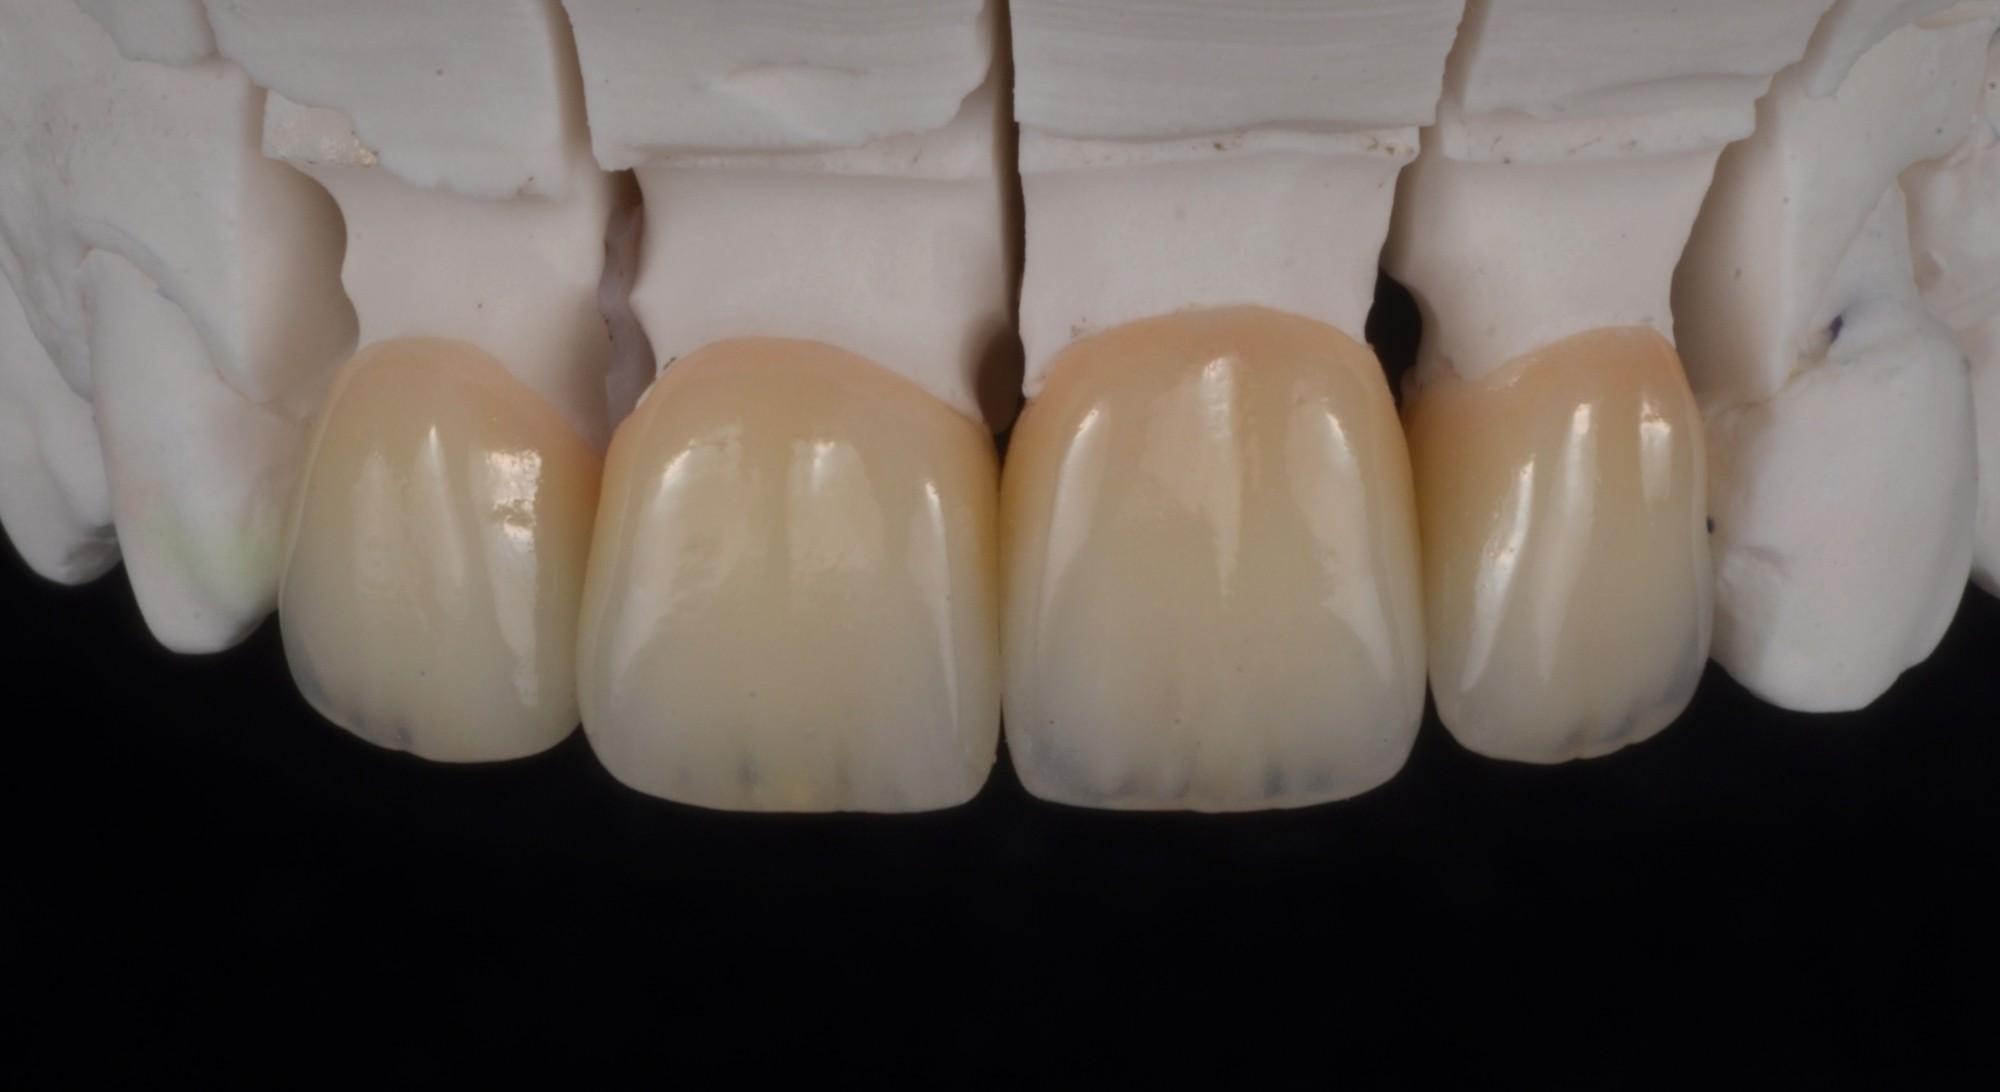 Zircone stratifiée et Emax stratifiée, mariage possible( Dr Lugari) Parution technologie dentaire n°397- 01/20